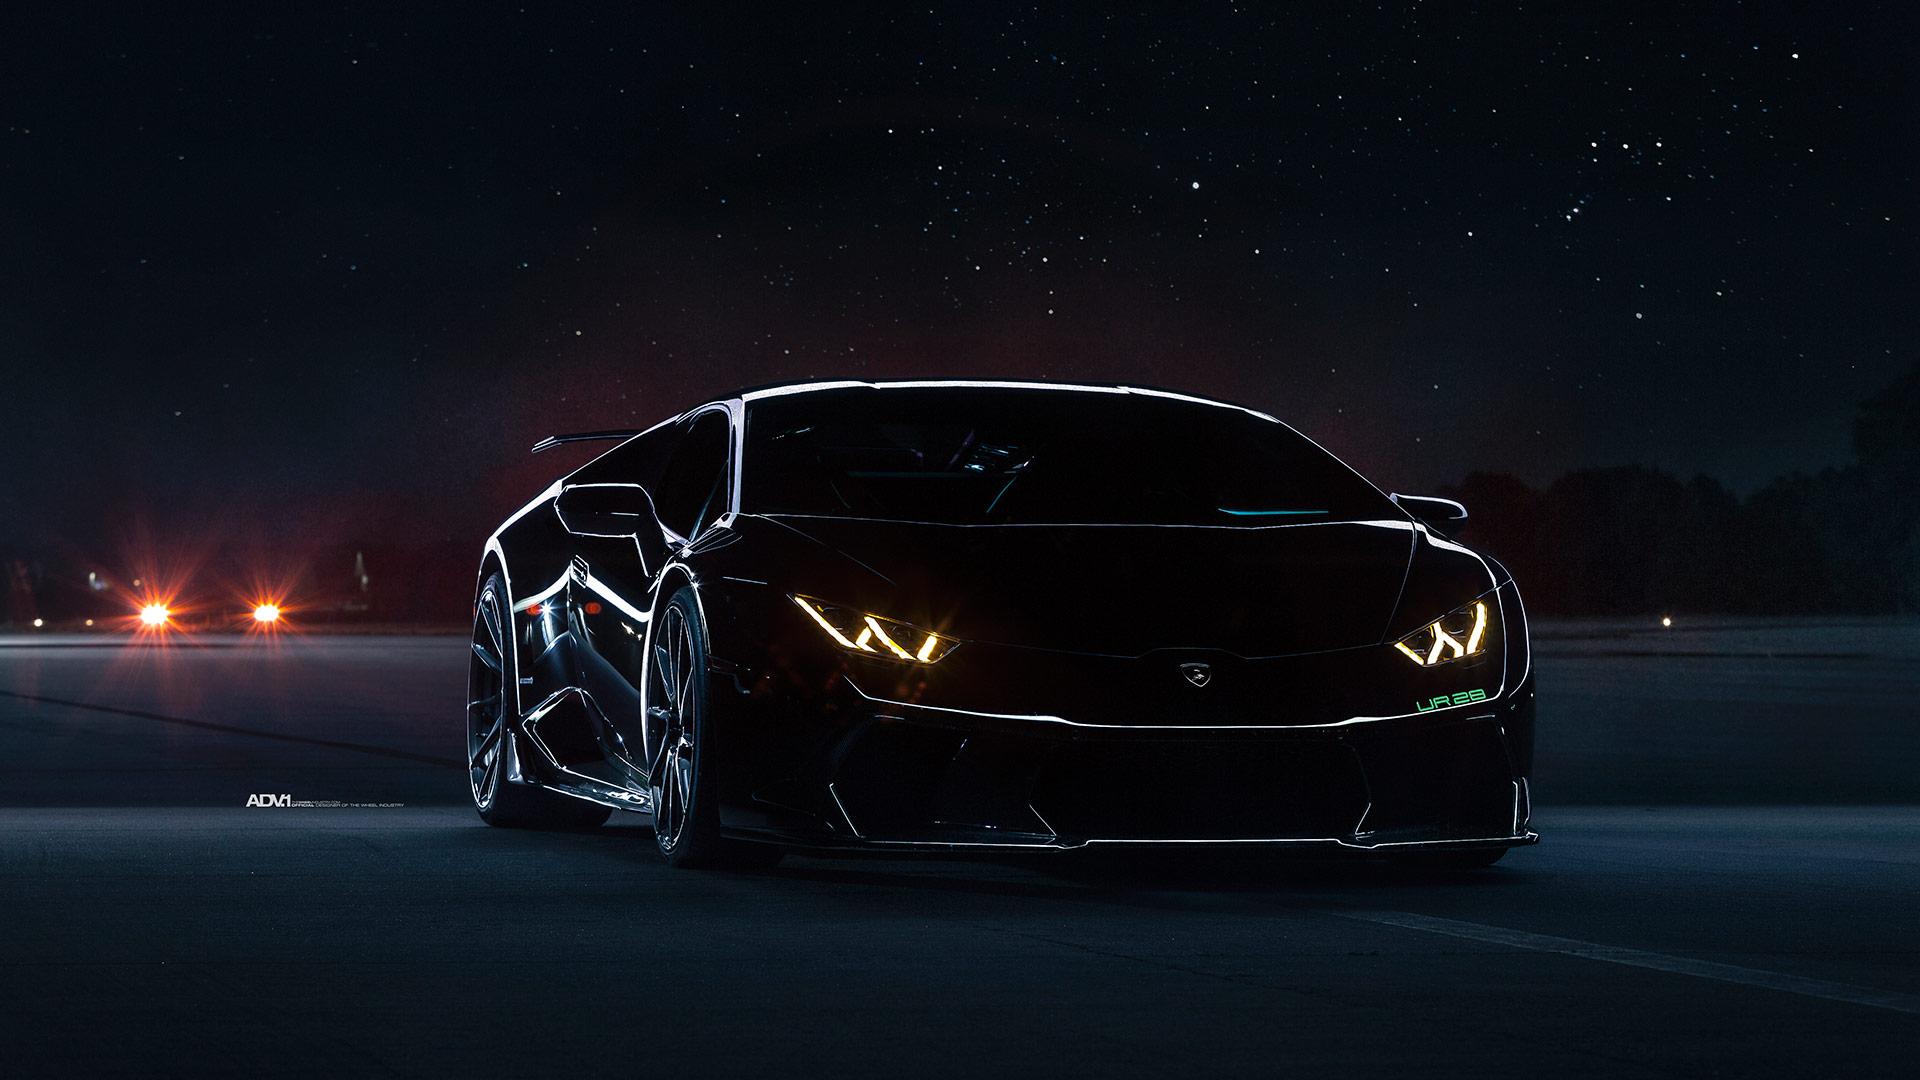 Lamborghini Huracan Black Underground Racing Twin Turbo ...